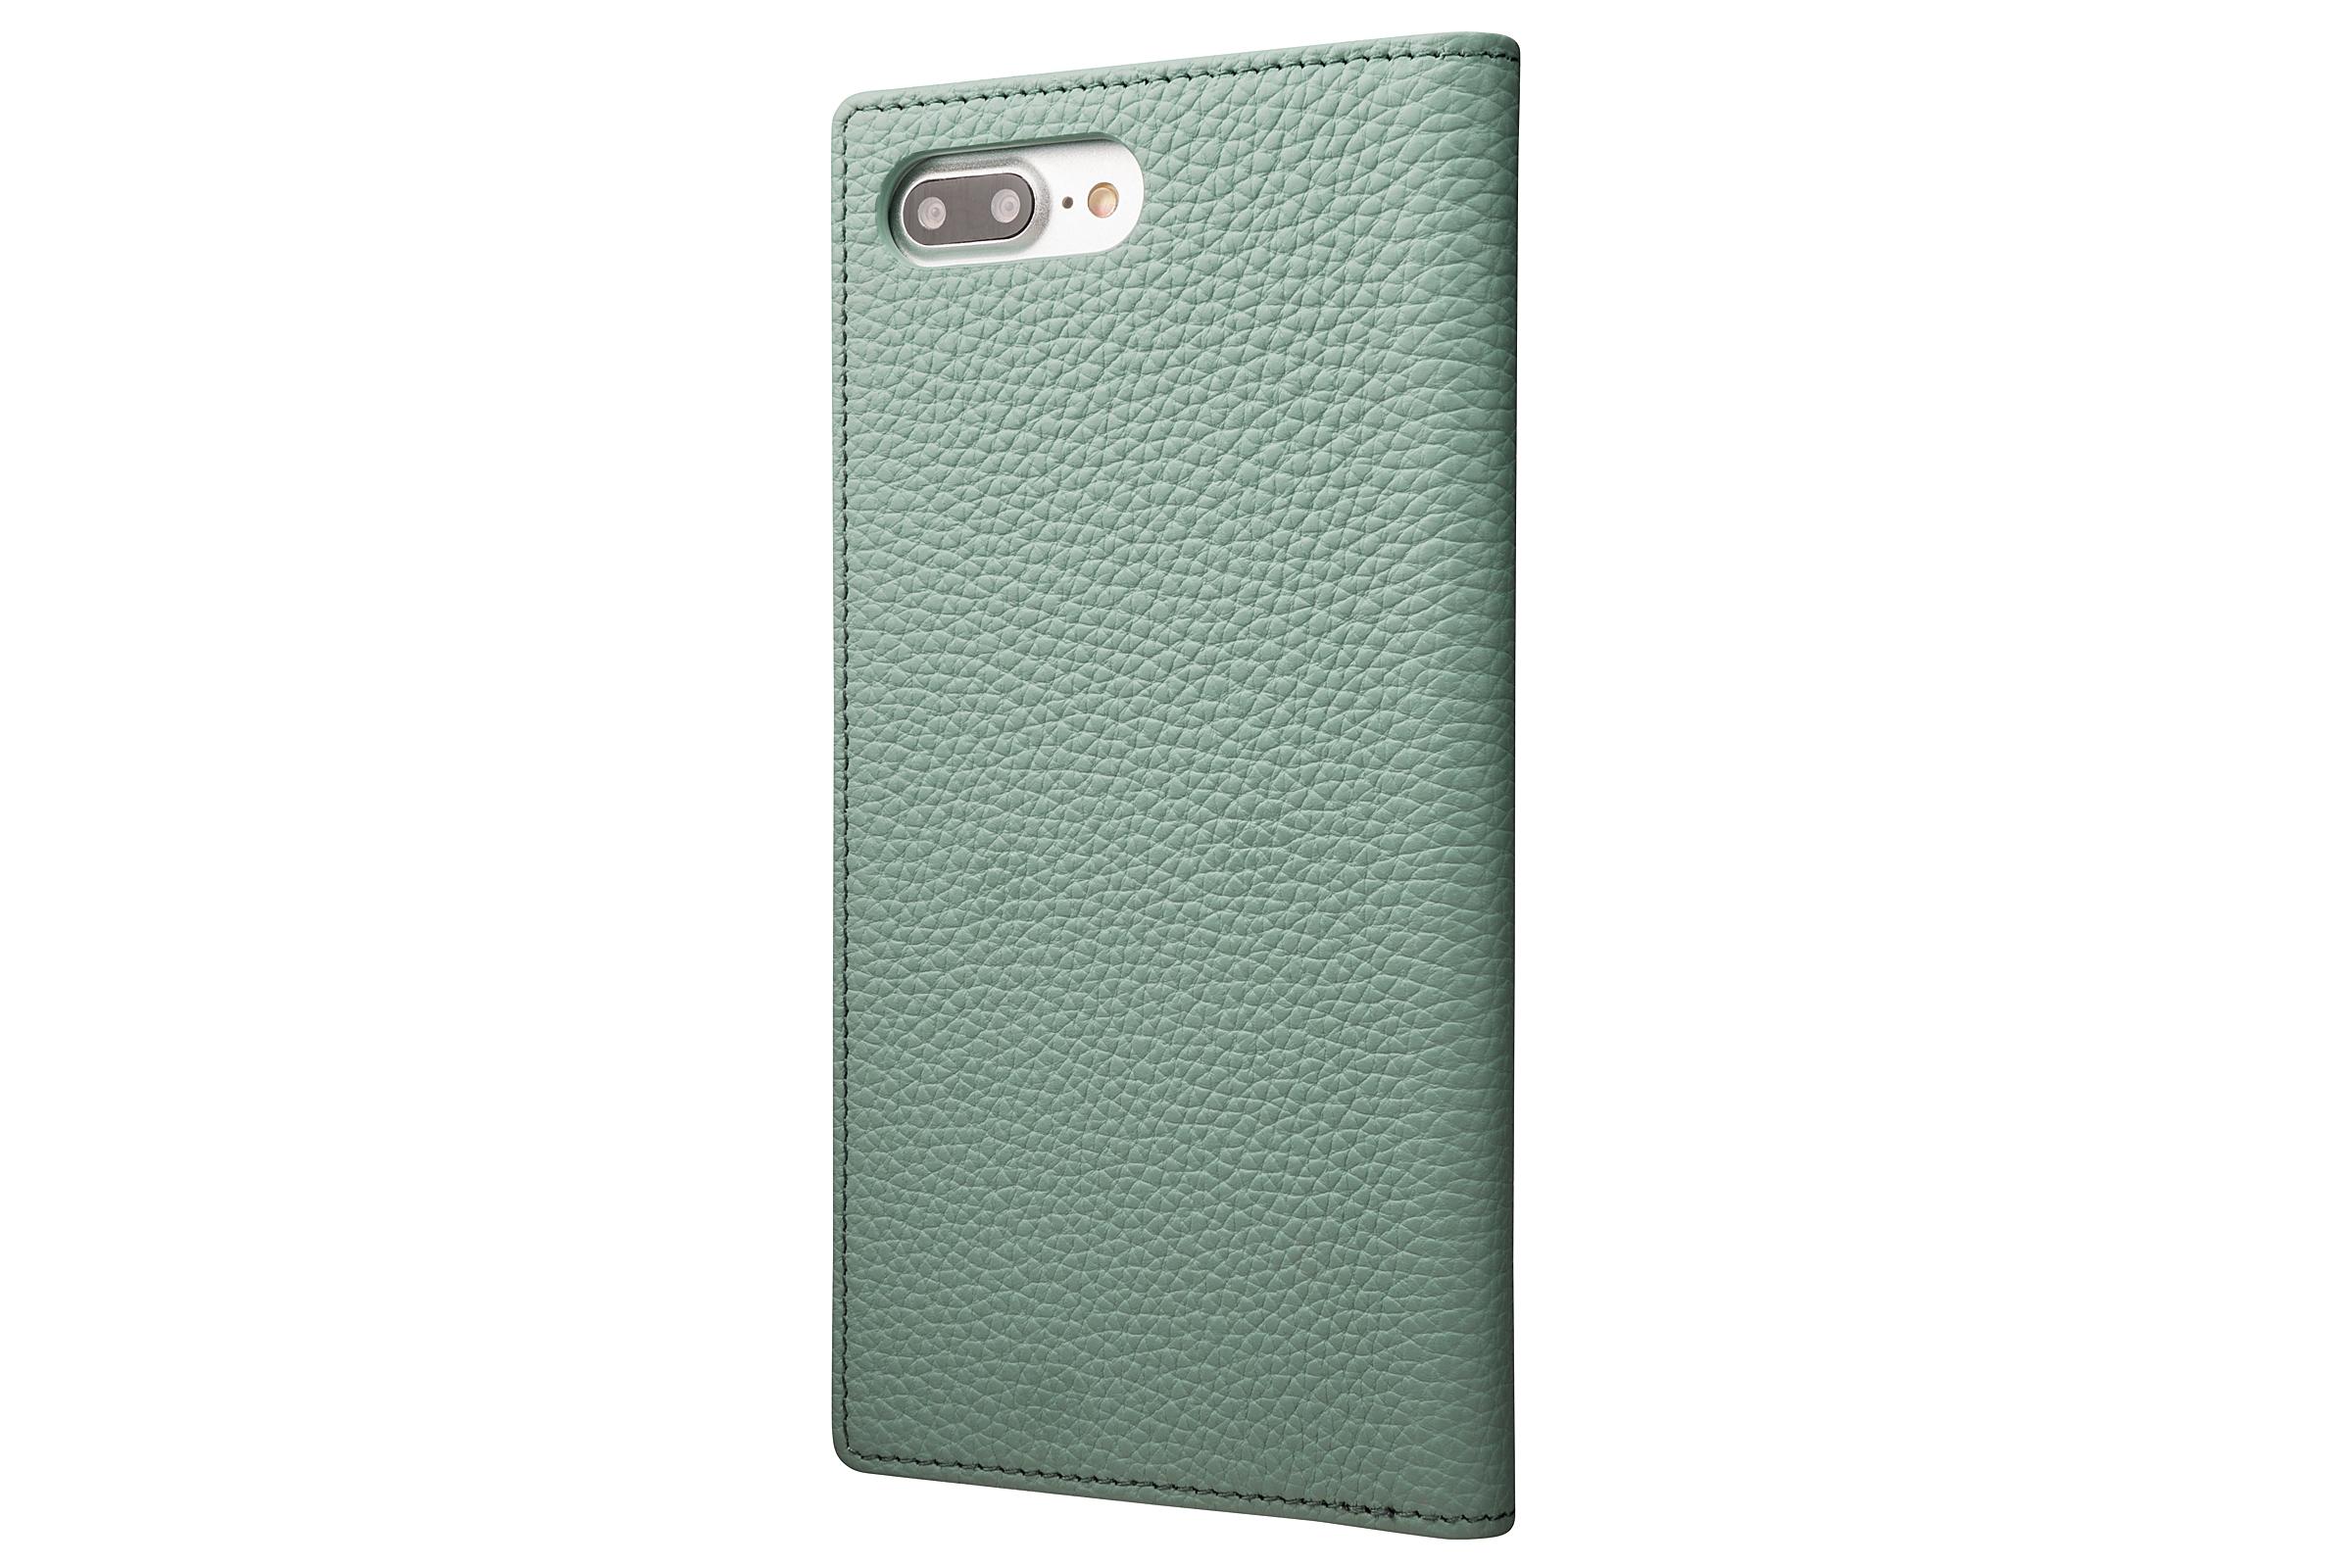 GRAMAS Shrunken-calf Full Leather Case for iPhone 7 Plus(Blue) シュランケンカーフ 手帳型フルレザーケース - 画像2